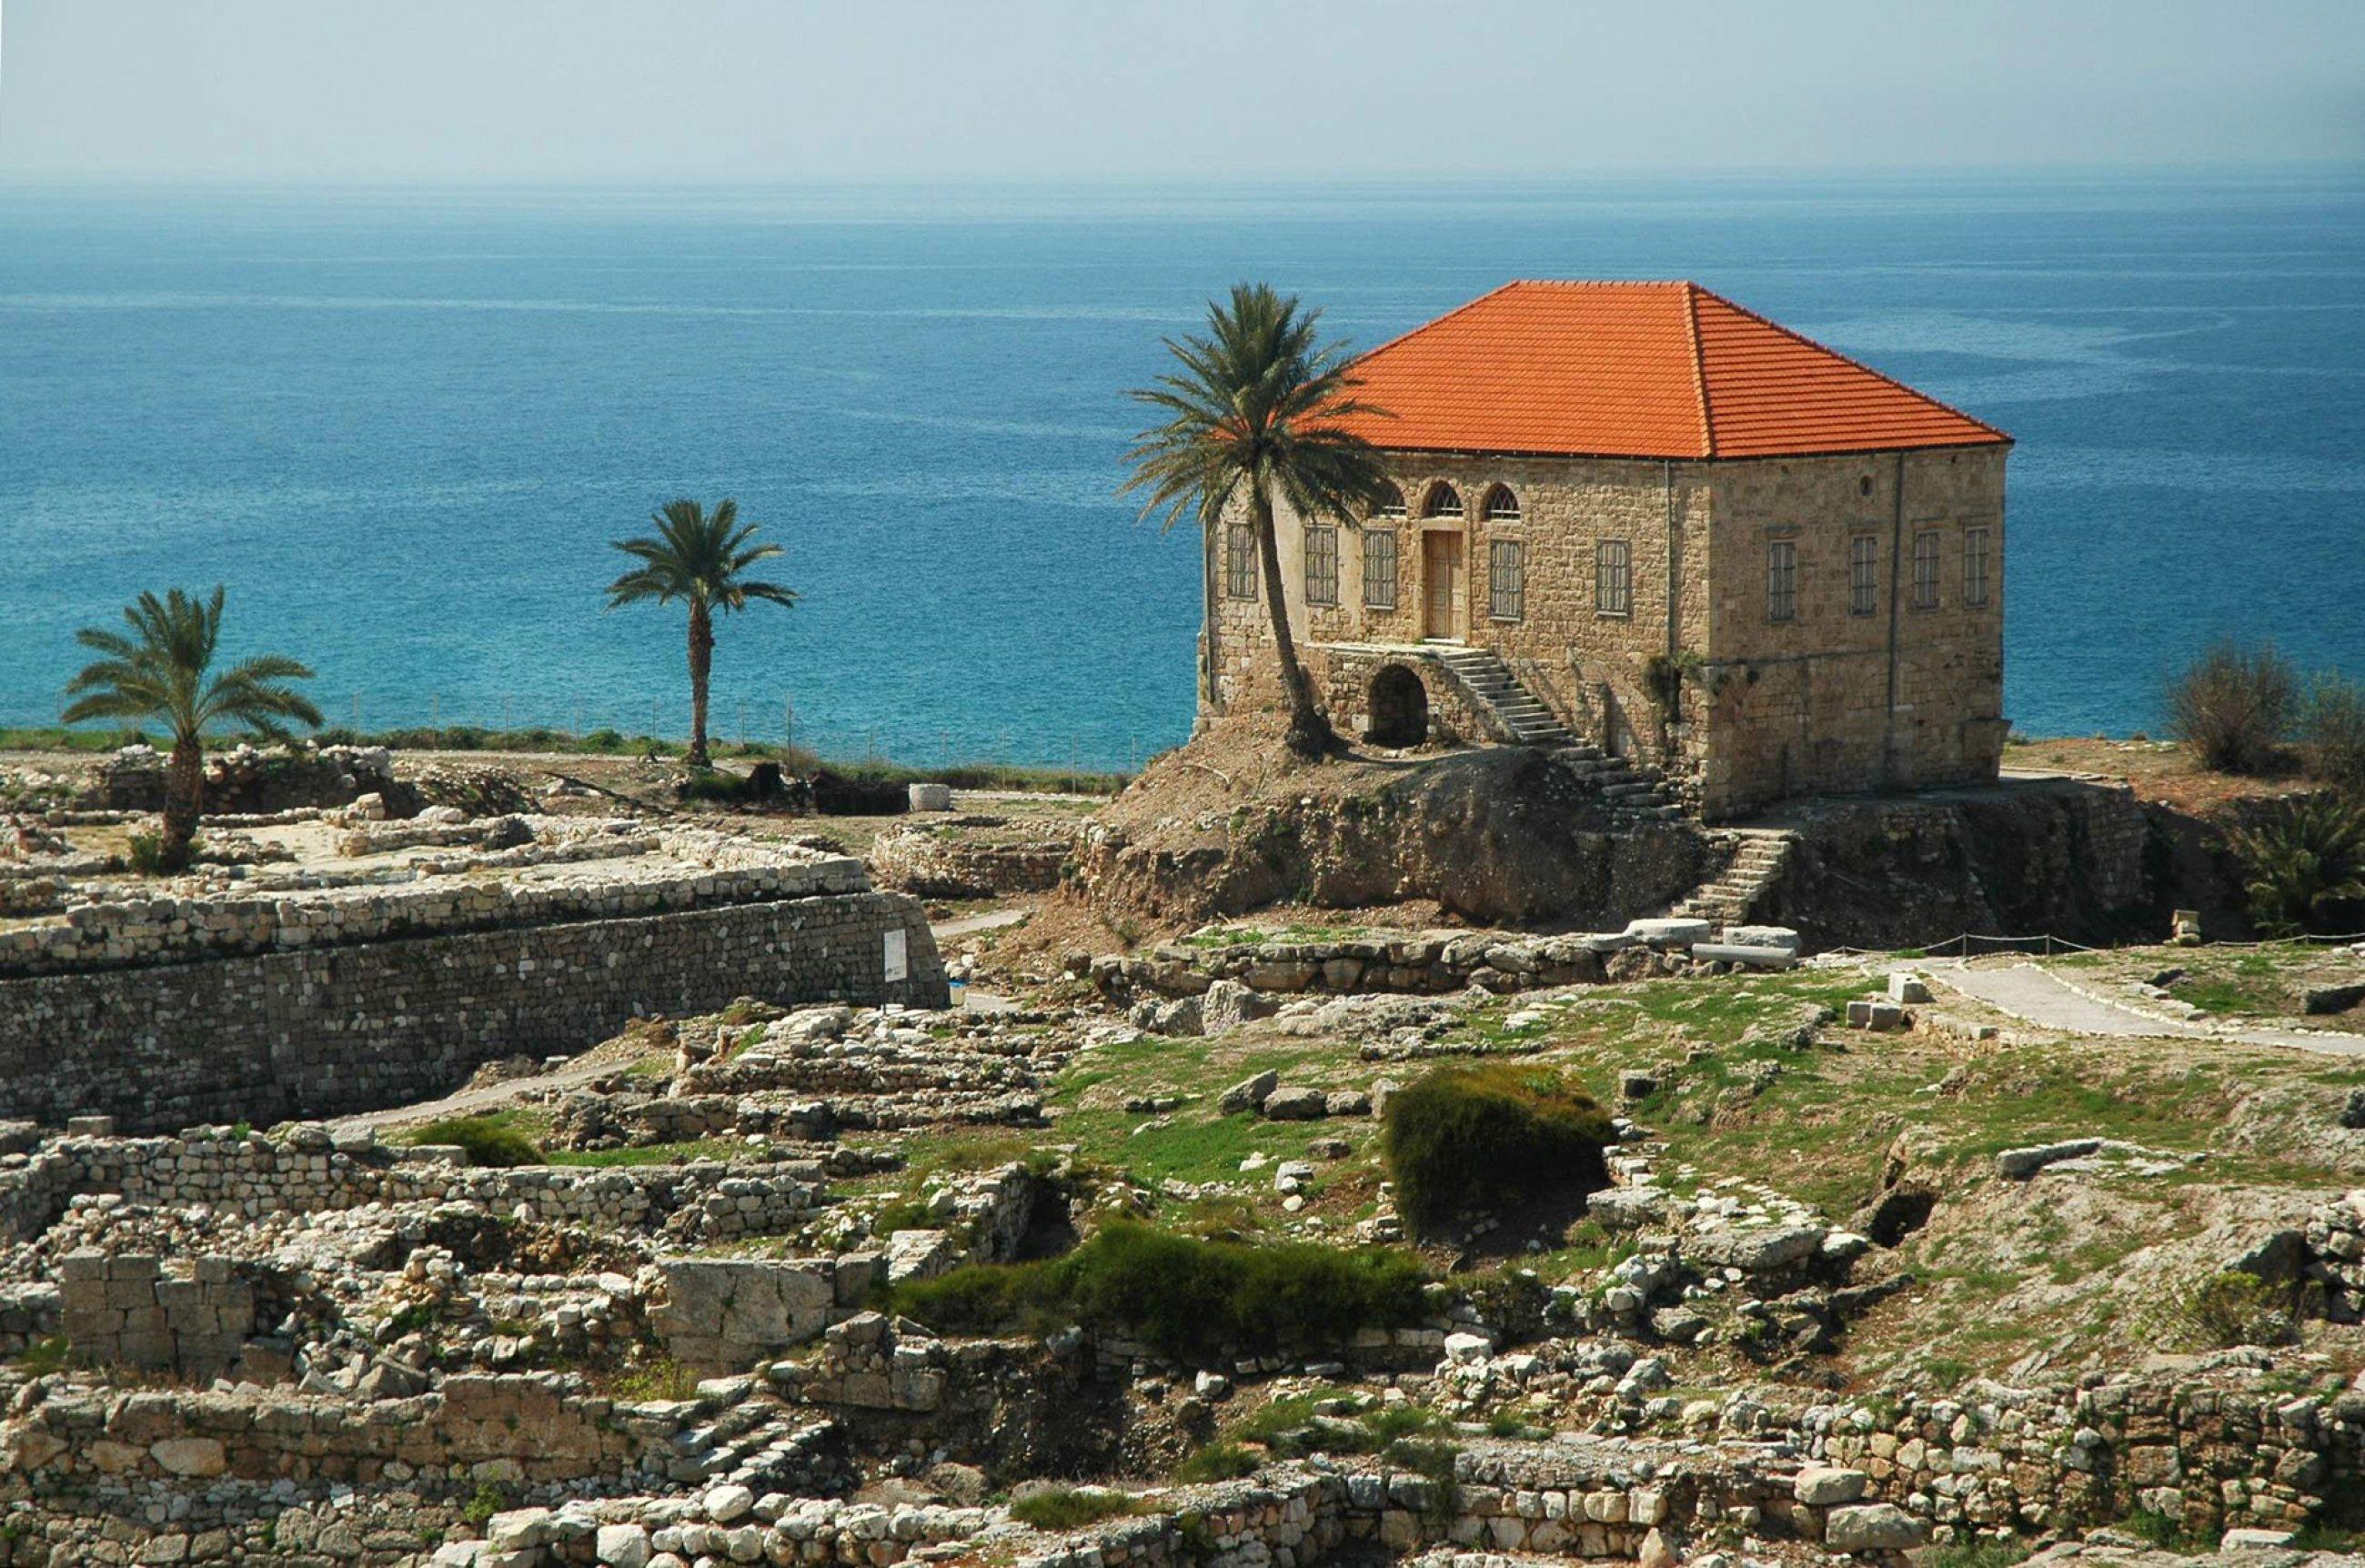 https://bubo.sk/uploads/galleries/4934/libanon-dsc-6799.jpg